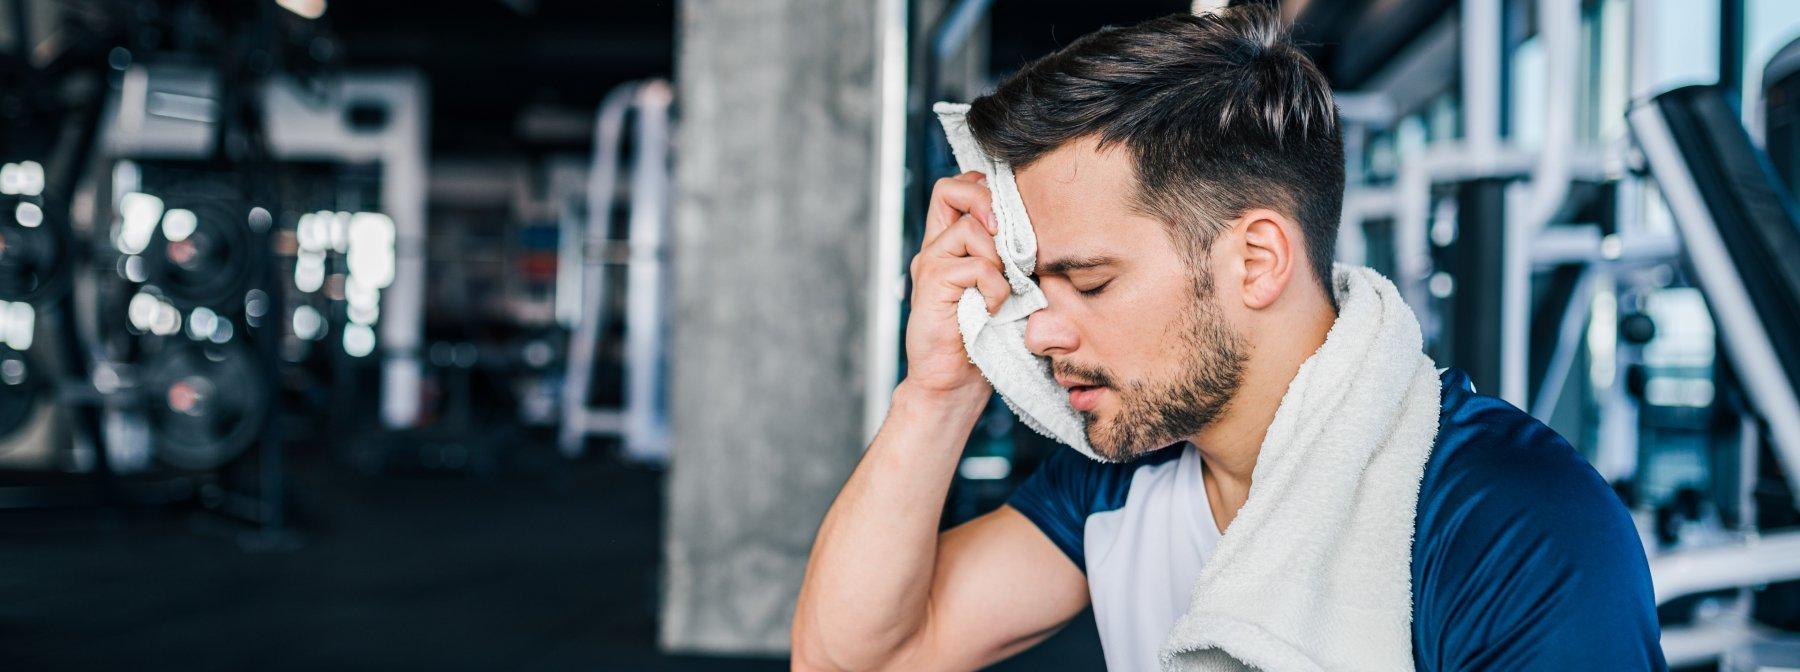 Mennyire jellemző a higiénia az edzőtermedre?